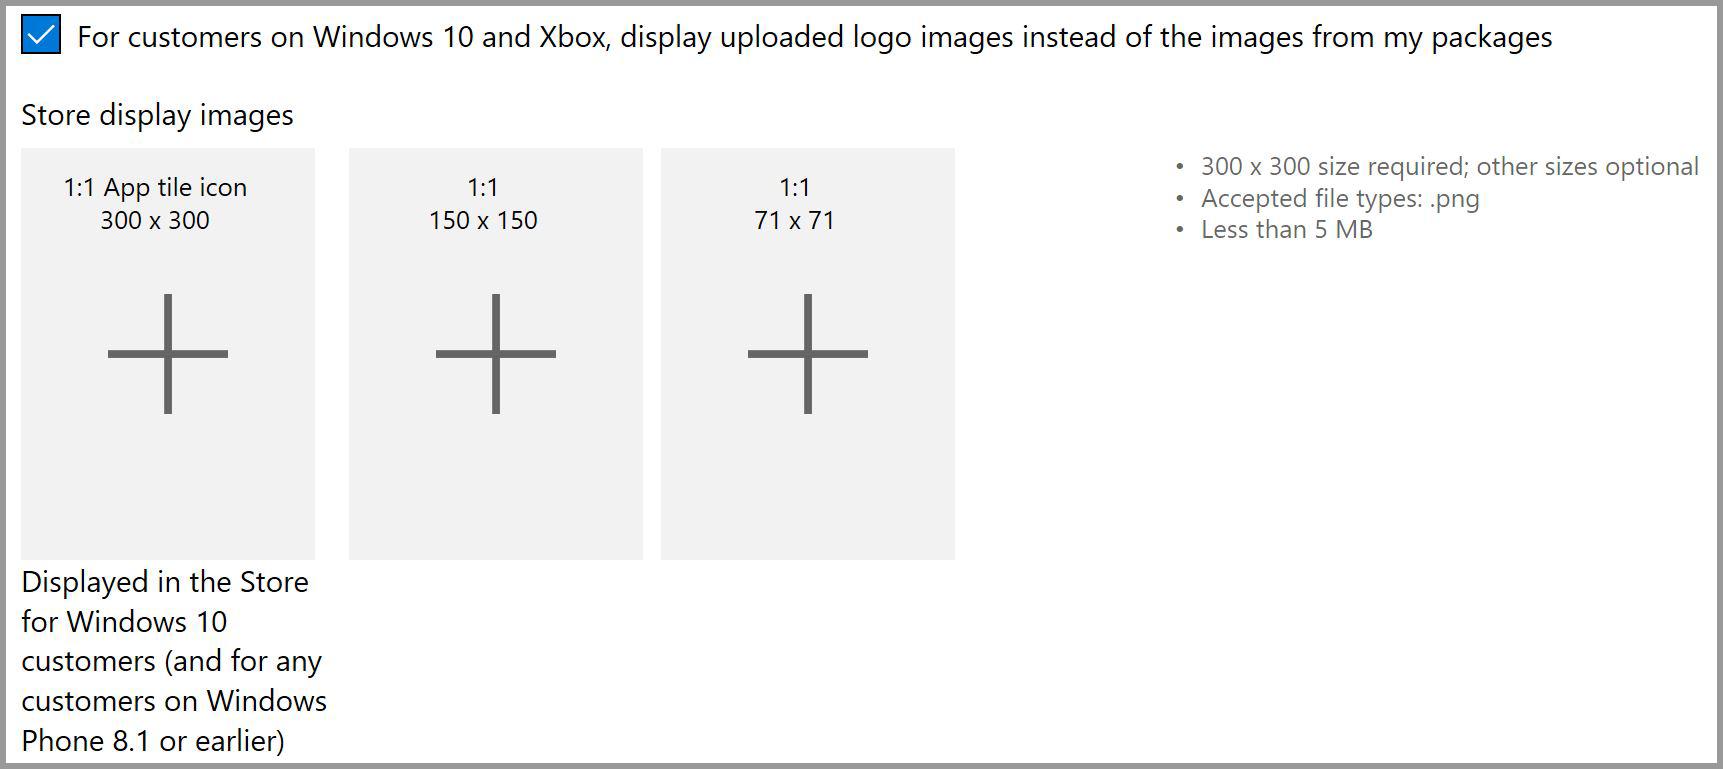 Logotipos e iconos de aplicaciones - UWP app developer | Microsoft Docs